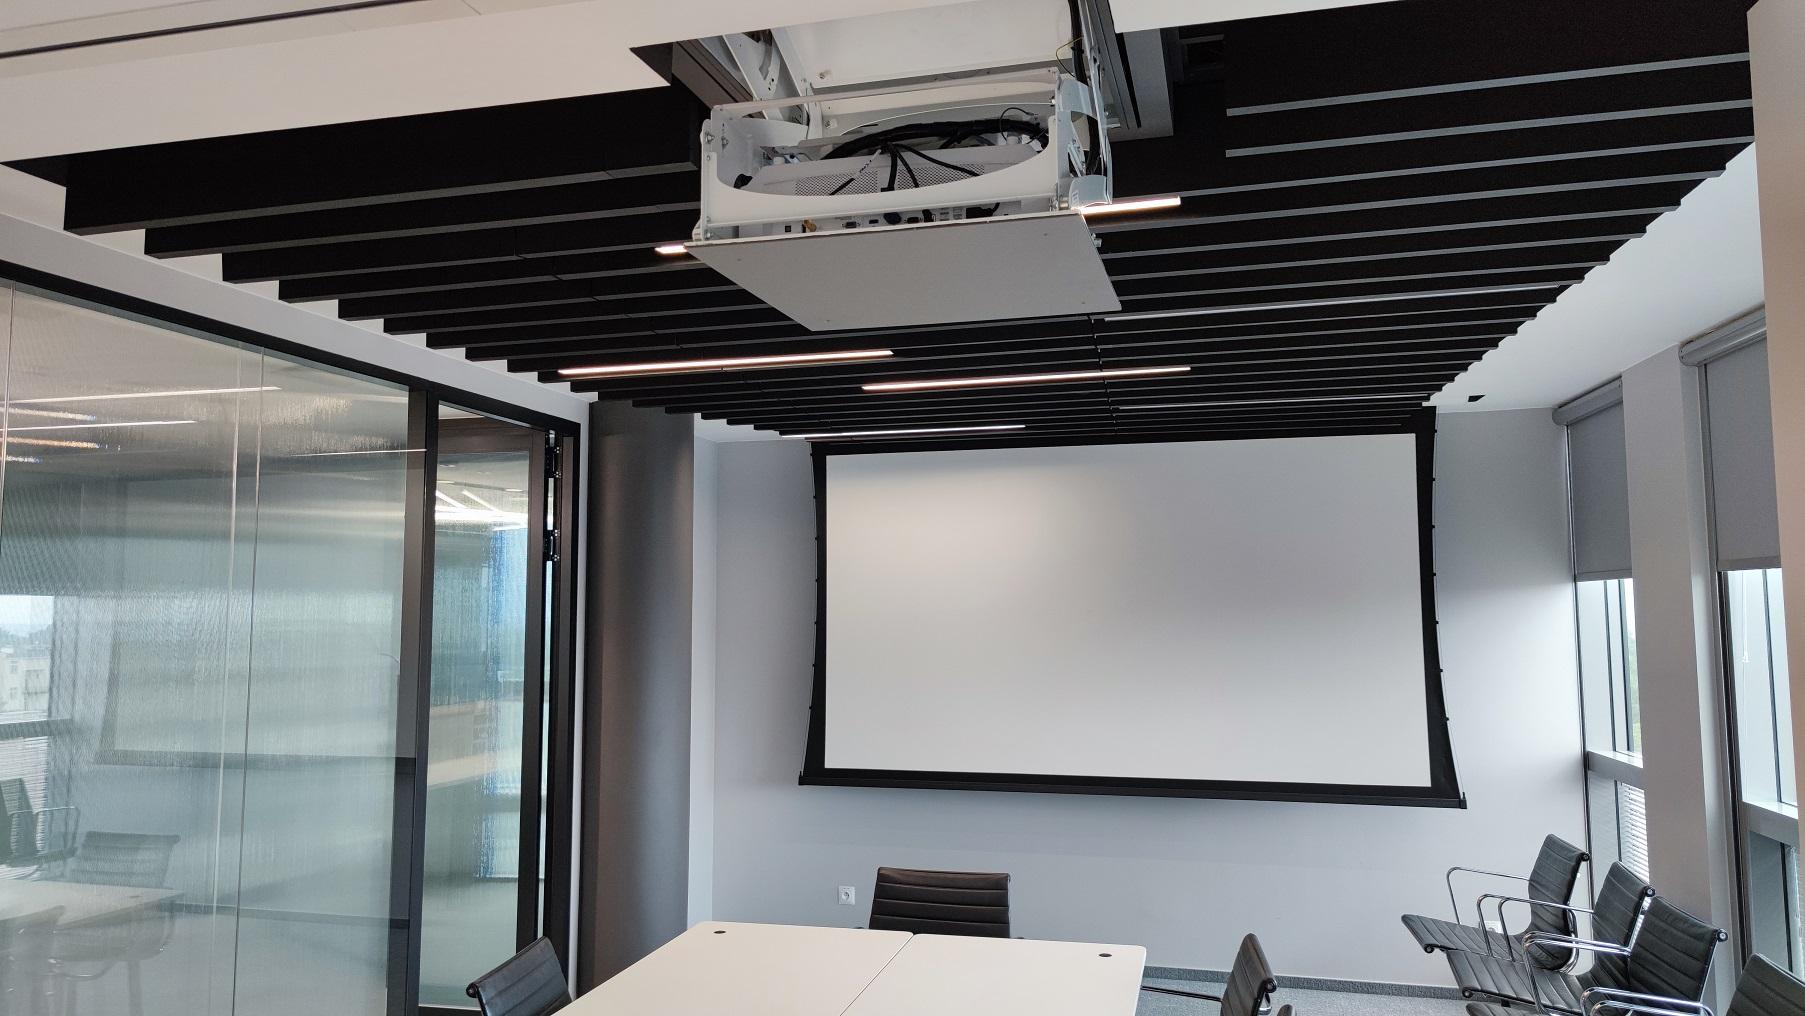 Sala wideokonferencyjna